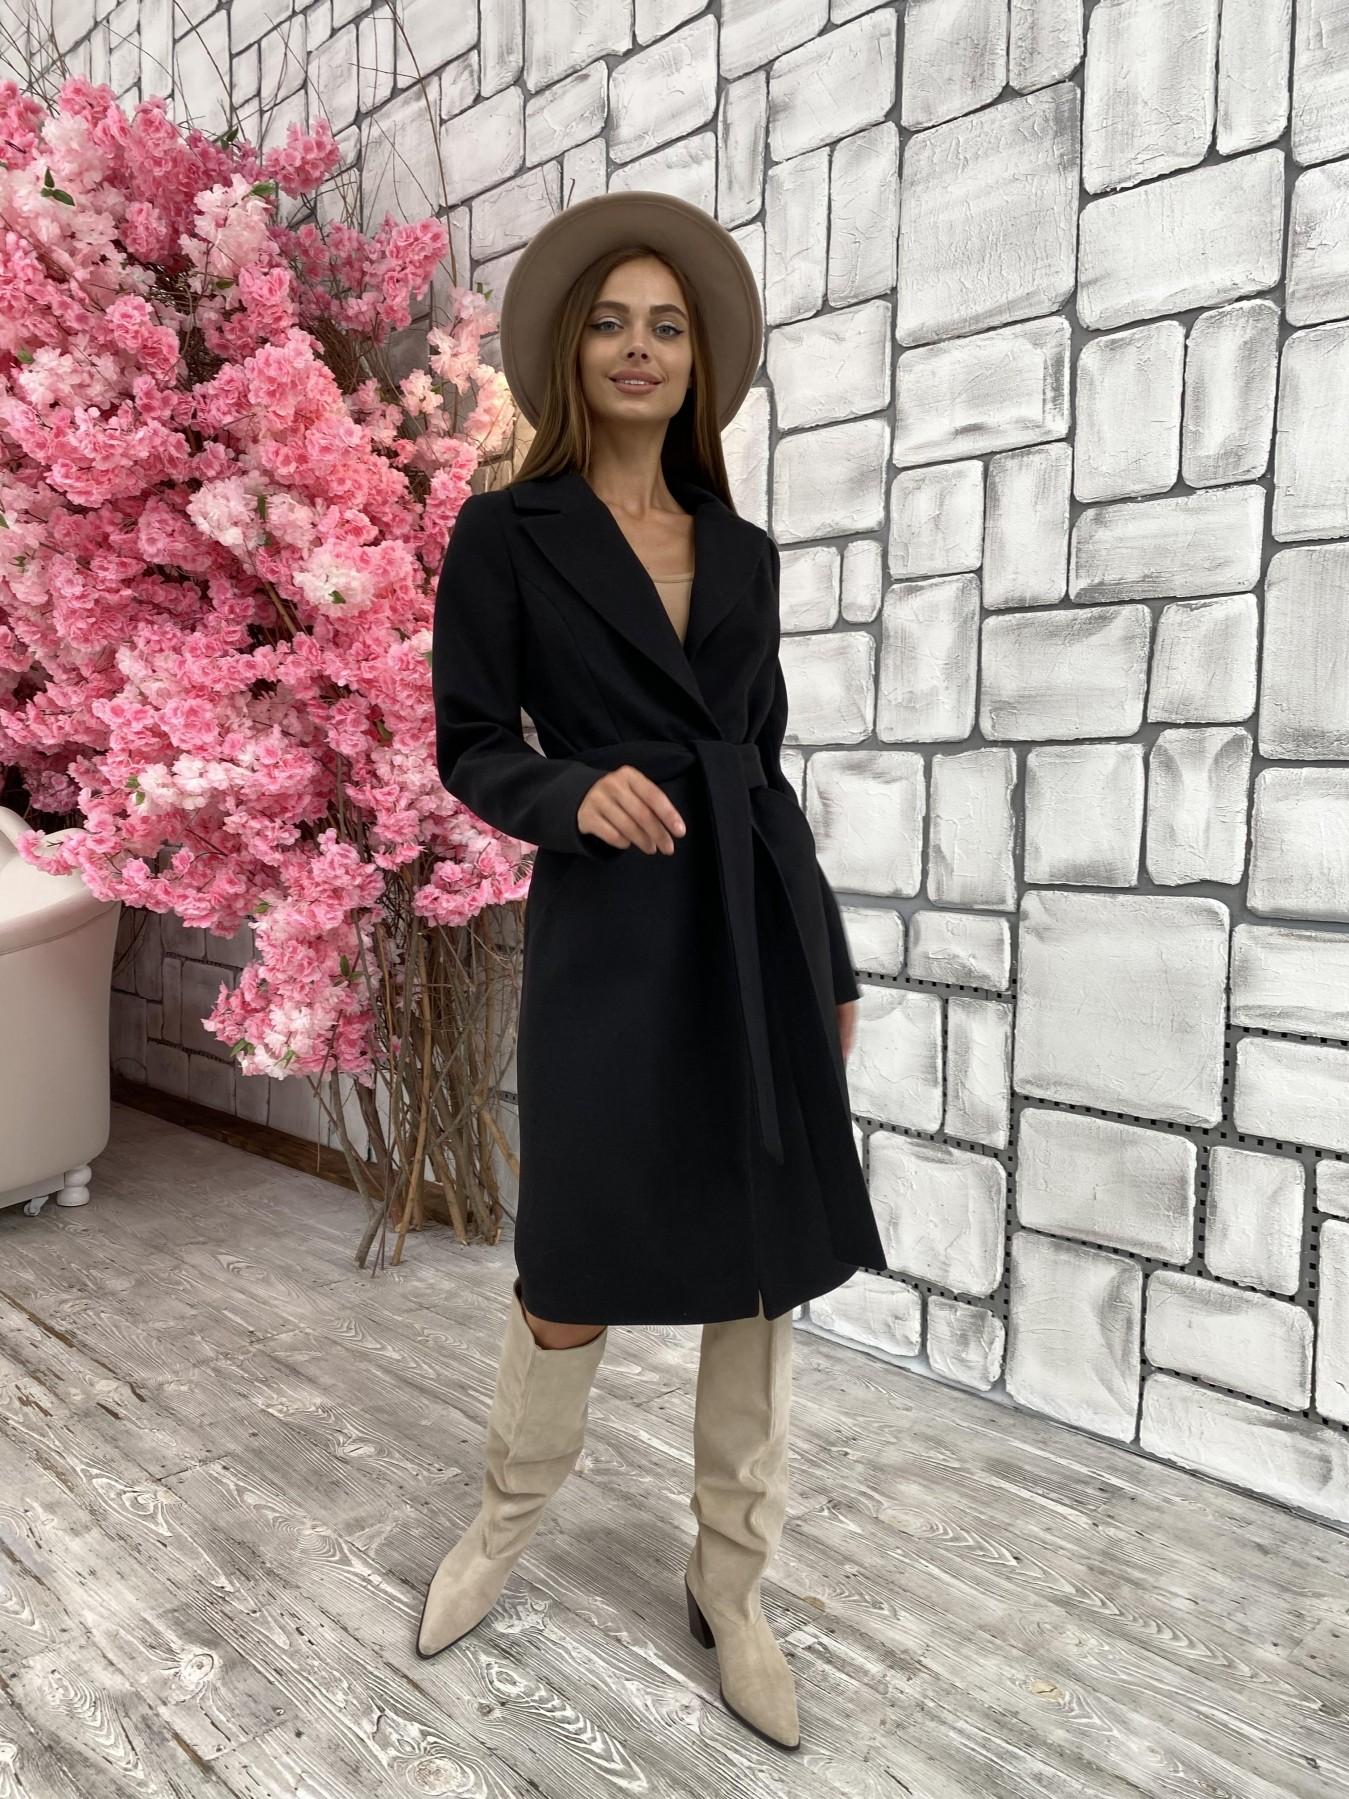 Мехико кашемир гладкий пальто 11643 АРТ. 48353 Цвет: Черный - фото 2, интернет магазин tm-modus.ru